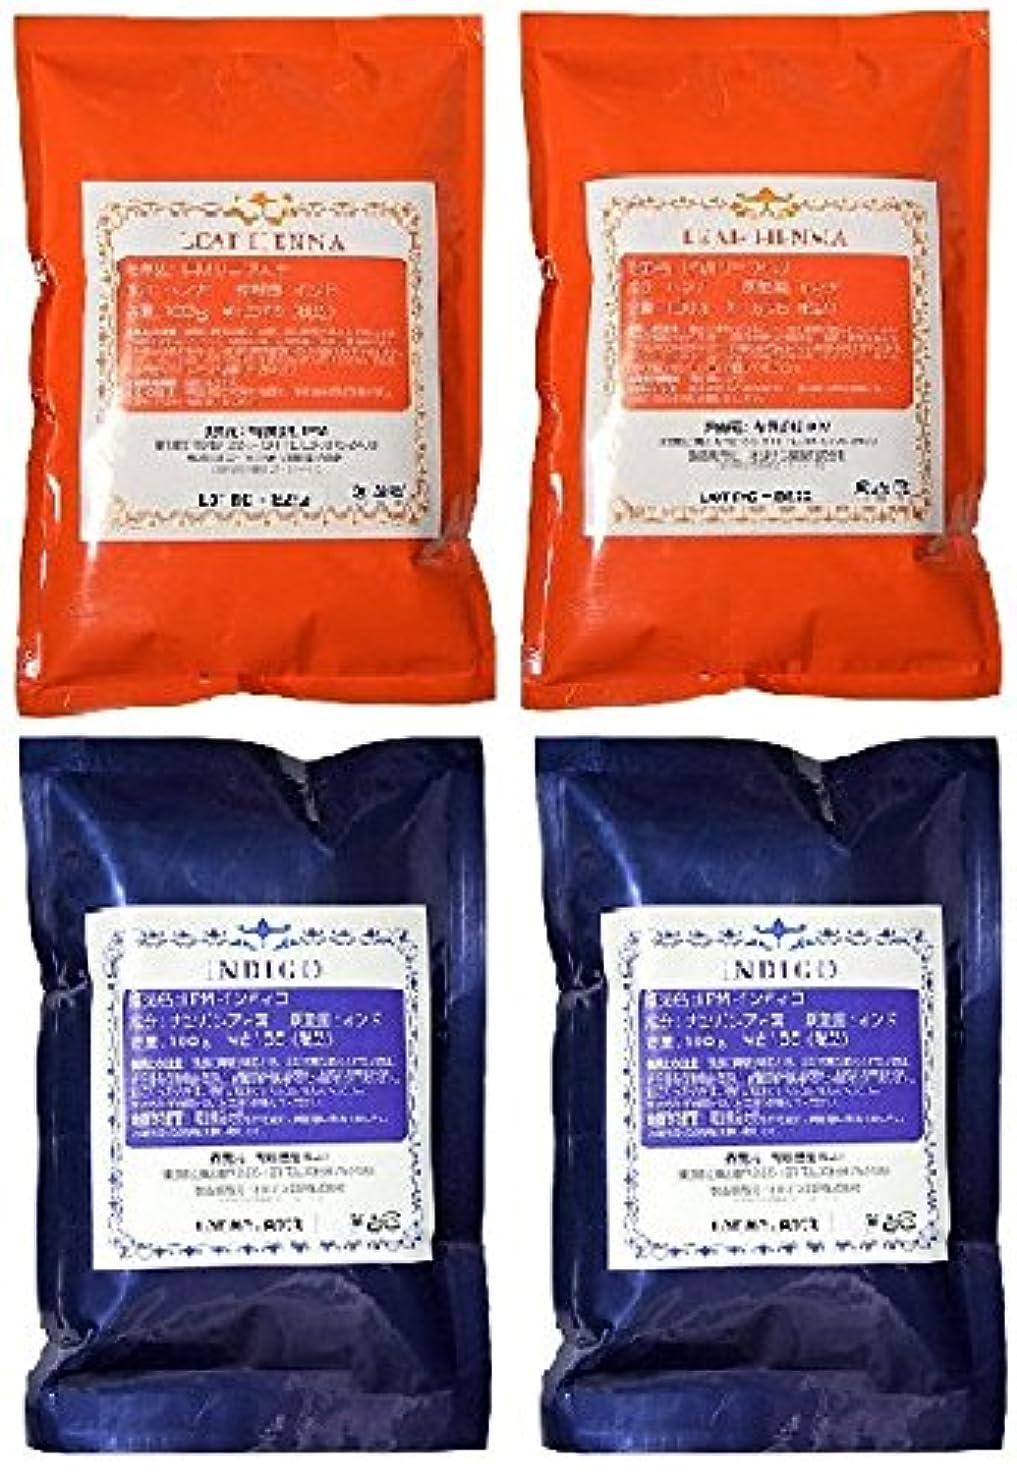 アリ浮くとげI.P.Mリーフヘナ&インディゴ(天然染料100%) 4個セット 400g